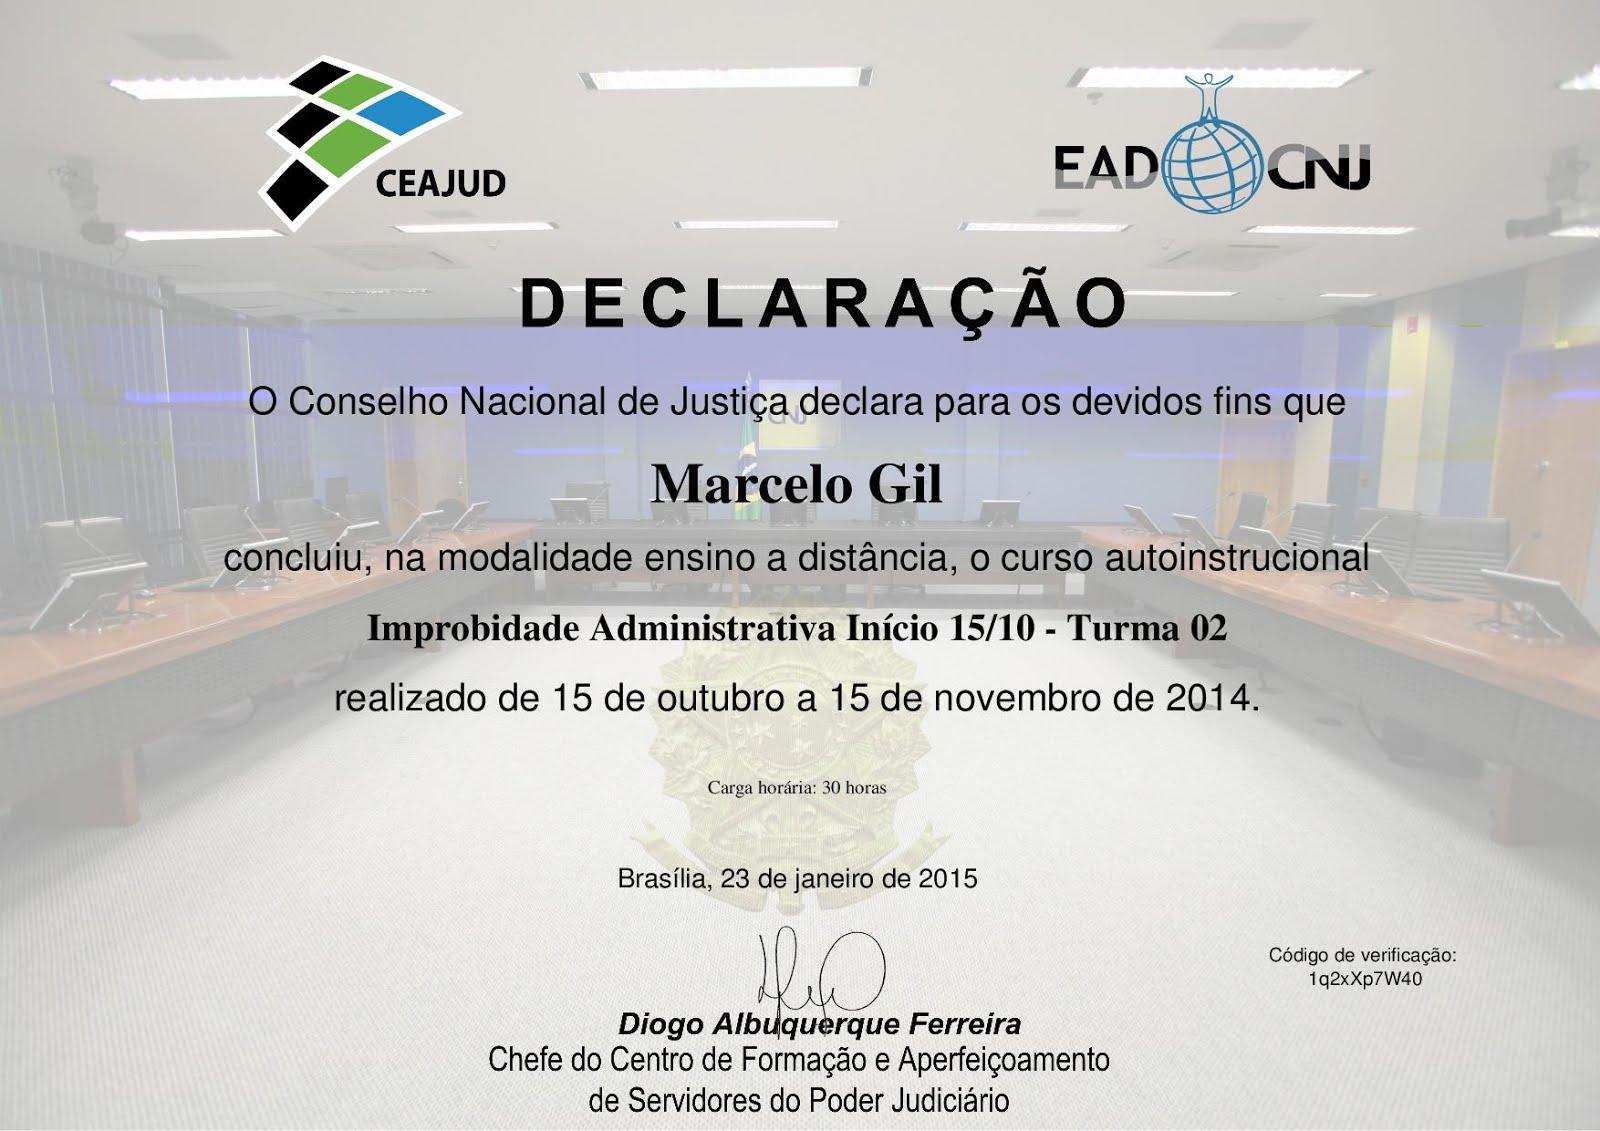 CERTIFICADO DO CONSELHO NACIONAL DE JUSTIÇA CONCEDIDO À MARCELO GIL - 2015